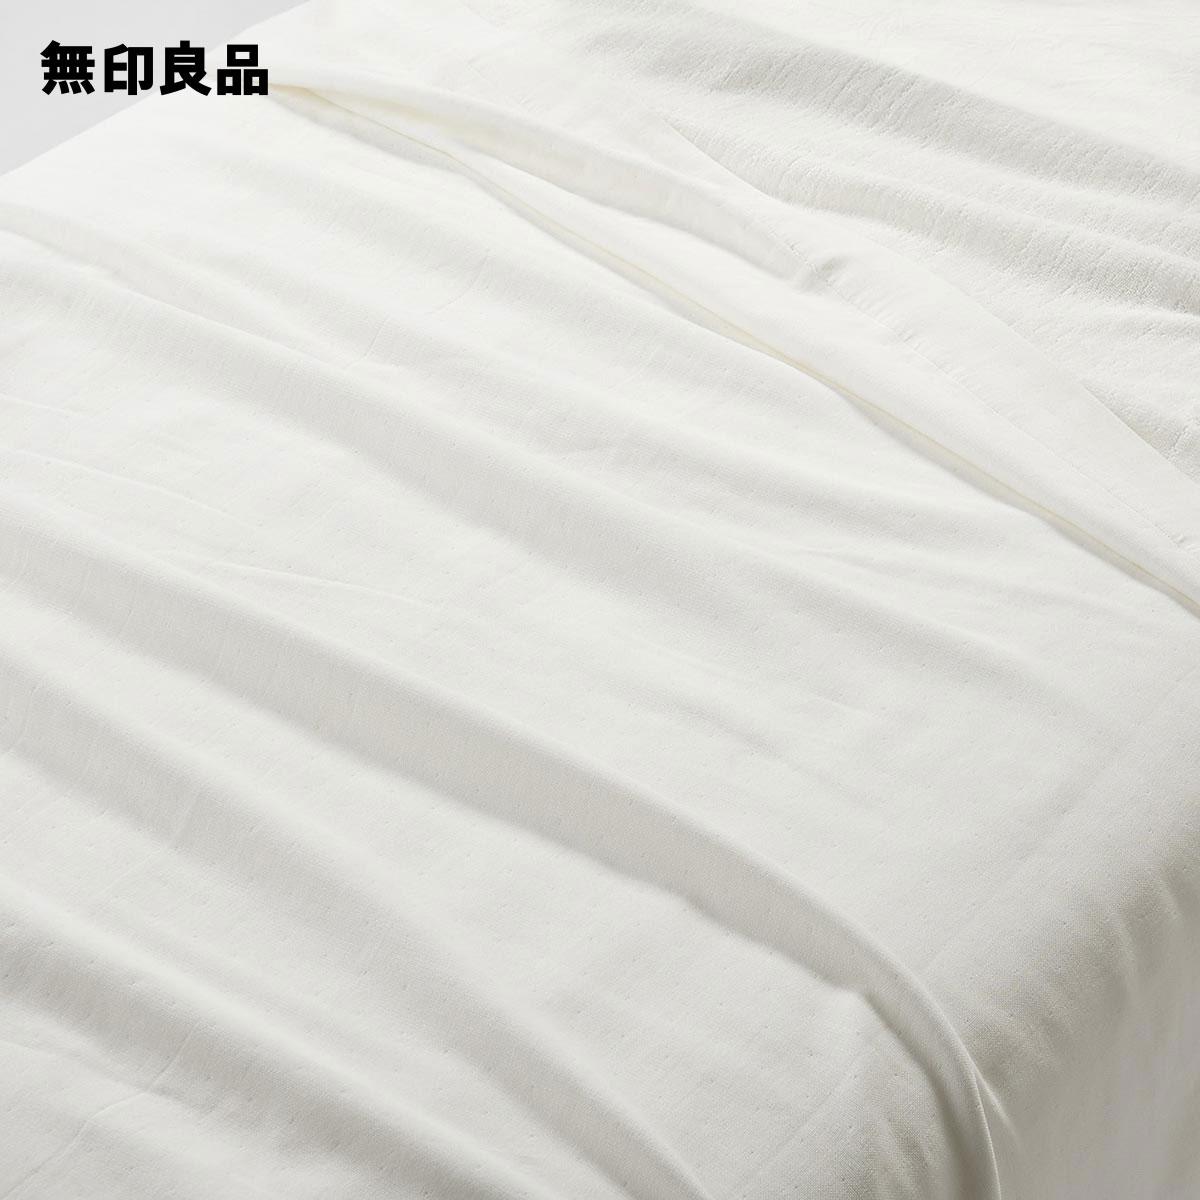 無印良品 購買 爆買いセール 公式 綿片面ガーゼケット シングル 140×200cm